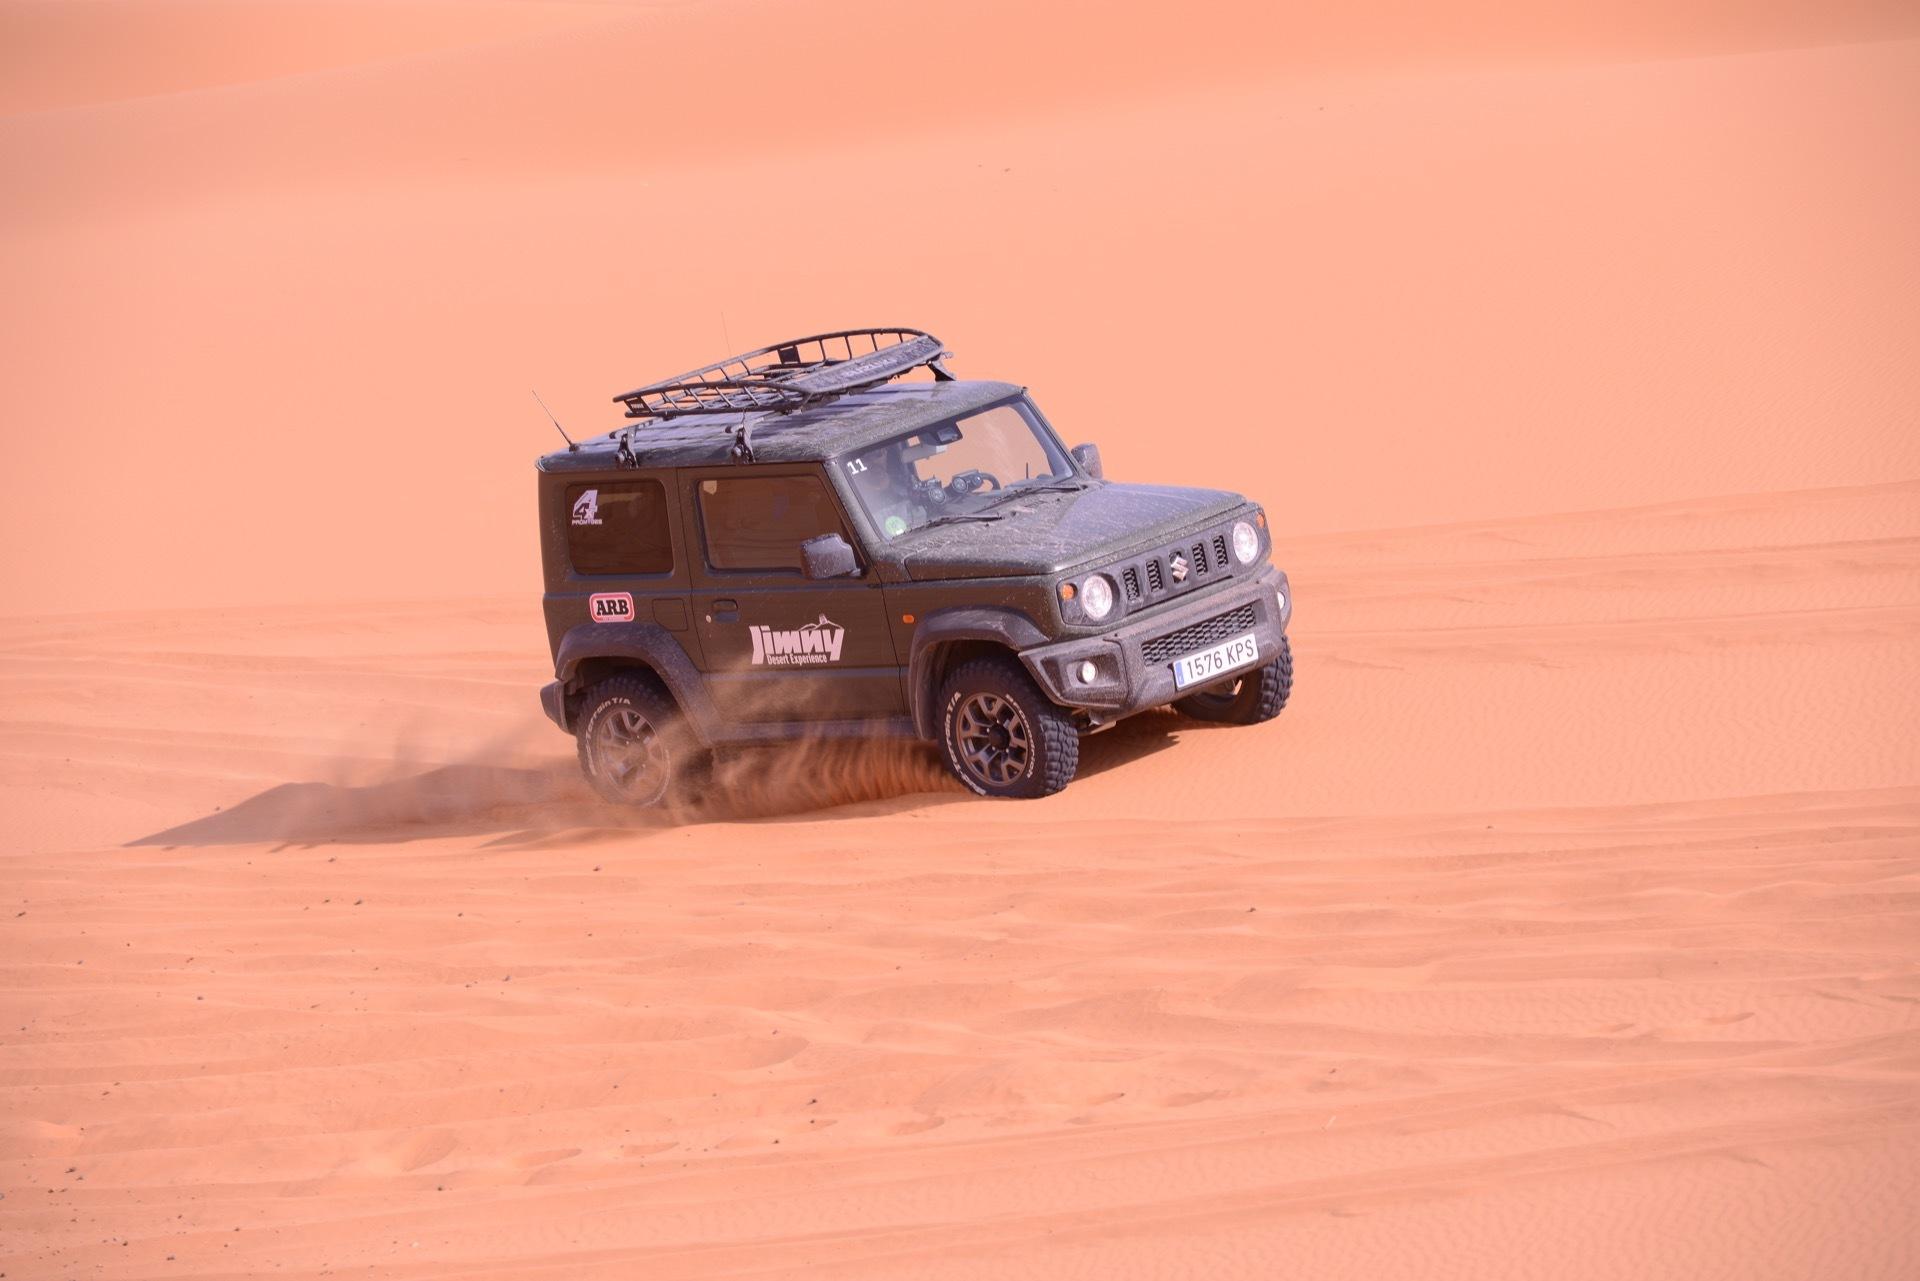 Suzuki Jimny Desert Experience 2019 00177